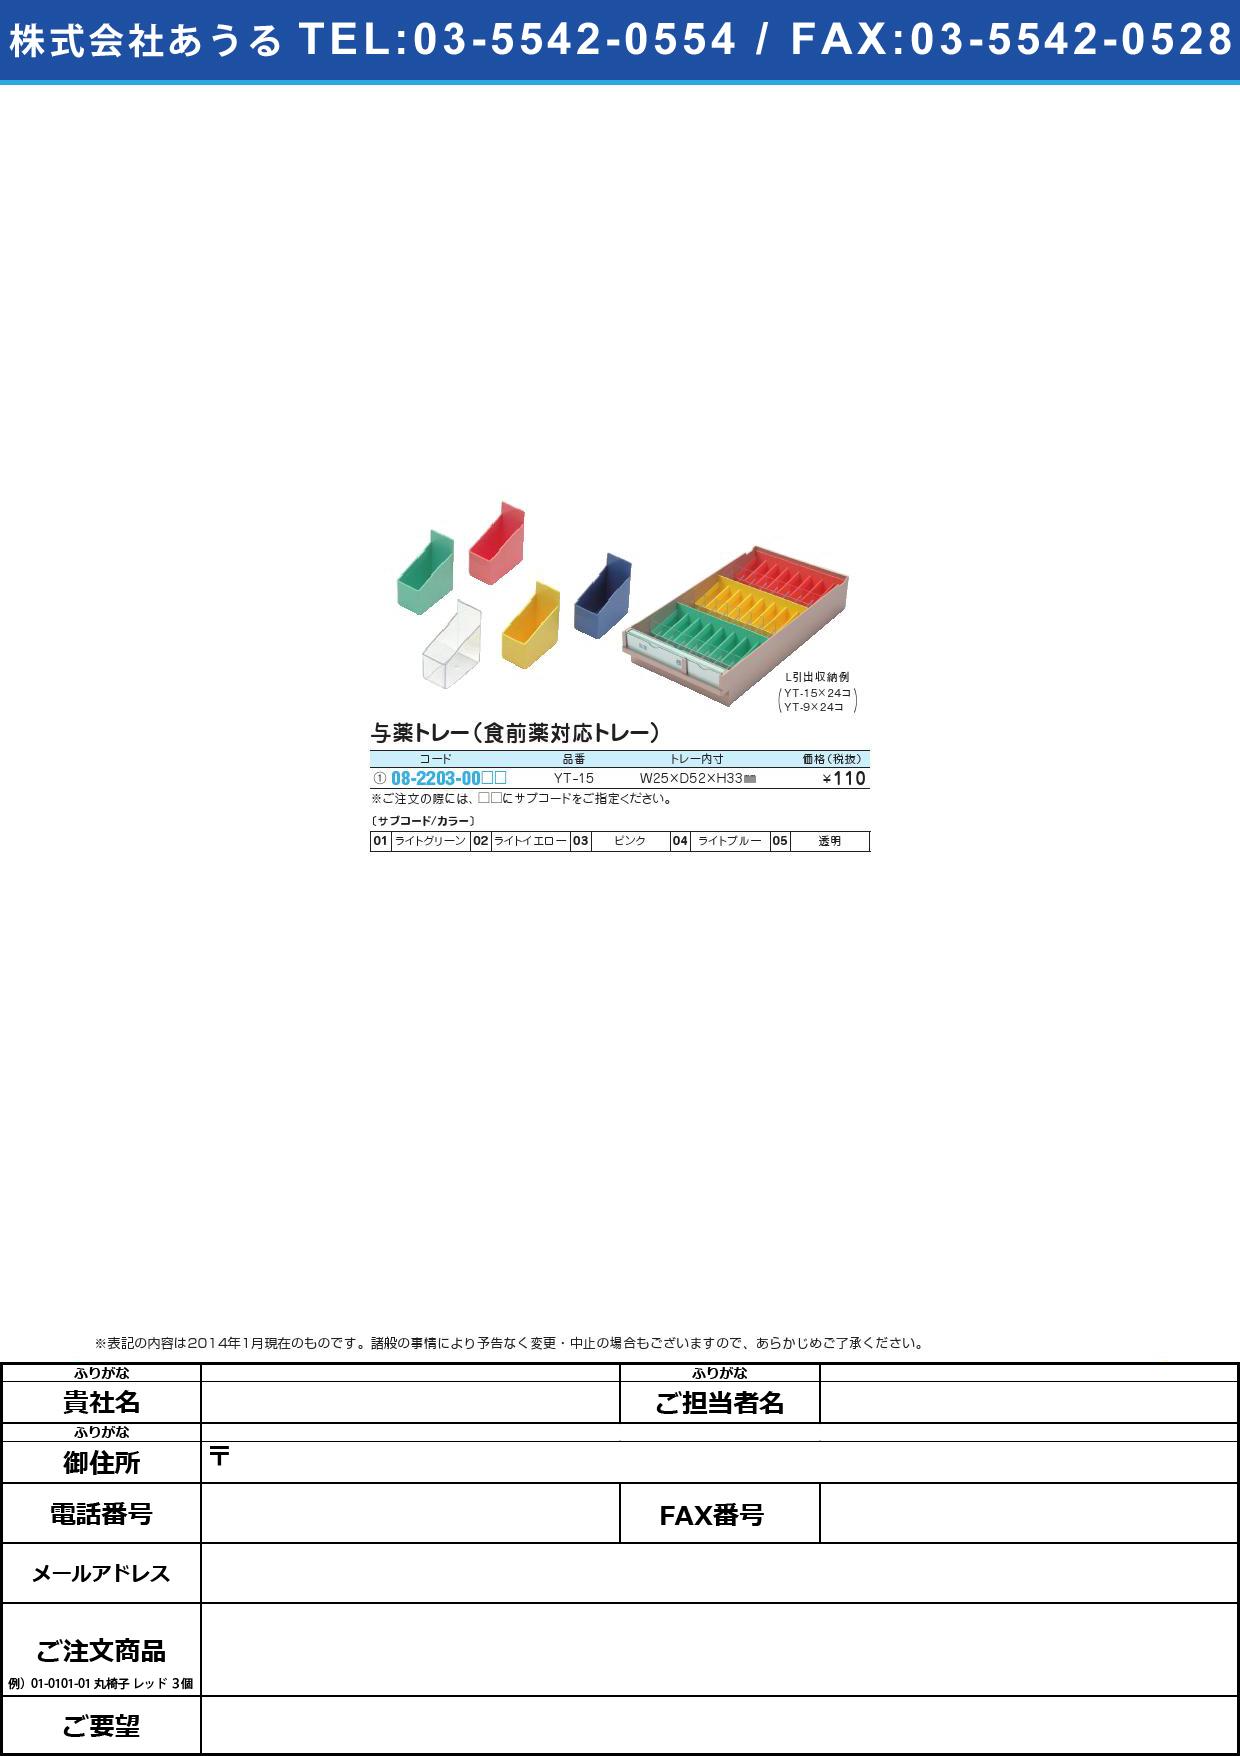 与薬トレー(食前薬対応トレー) ヨヤクトレー(ショクゼンヤクタイオウ YT-15【1個単位】(08-2203-00)